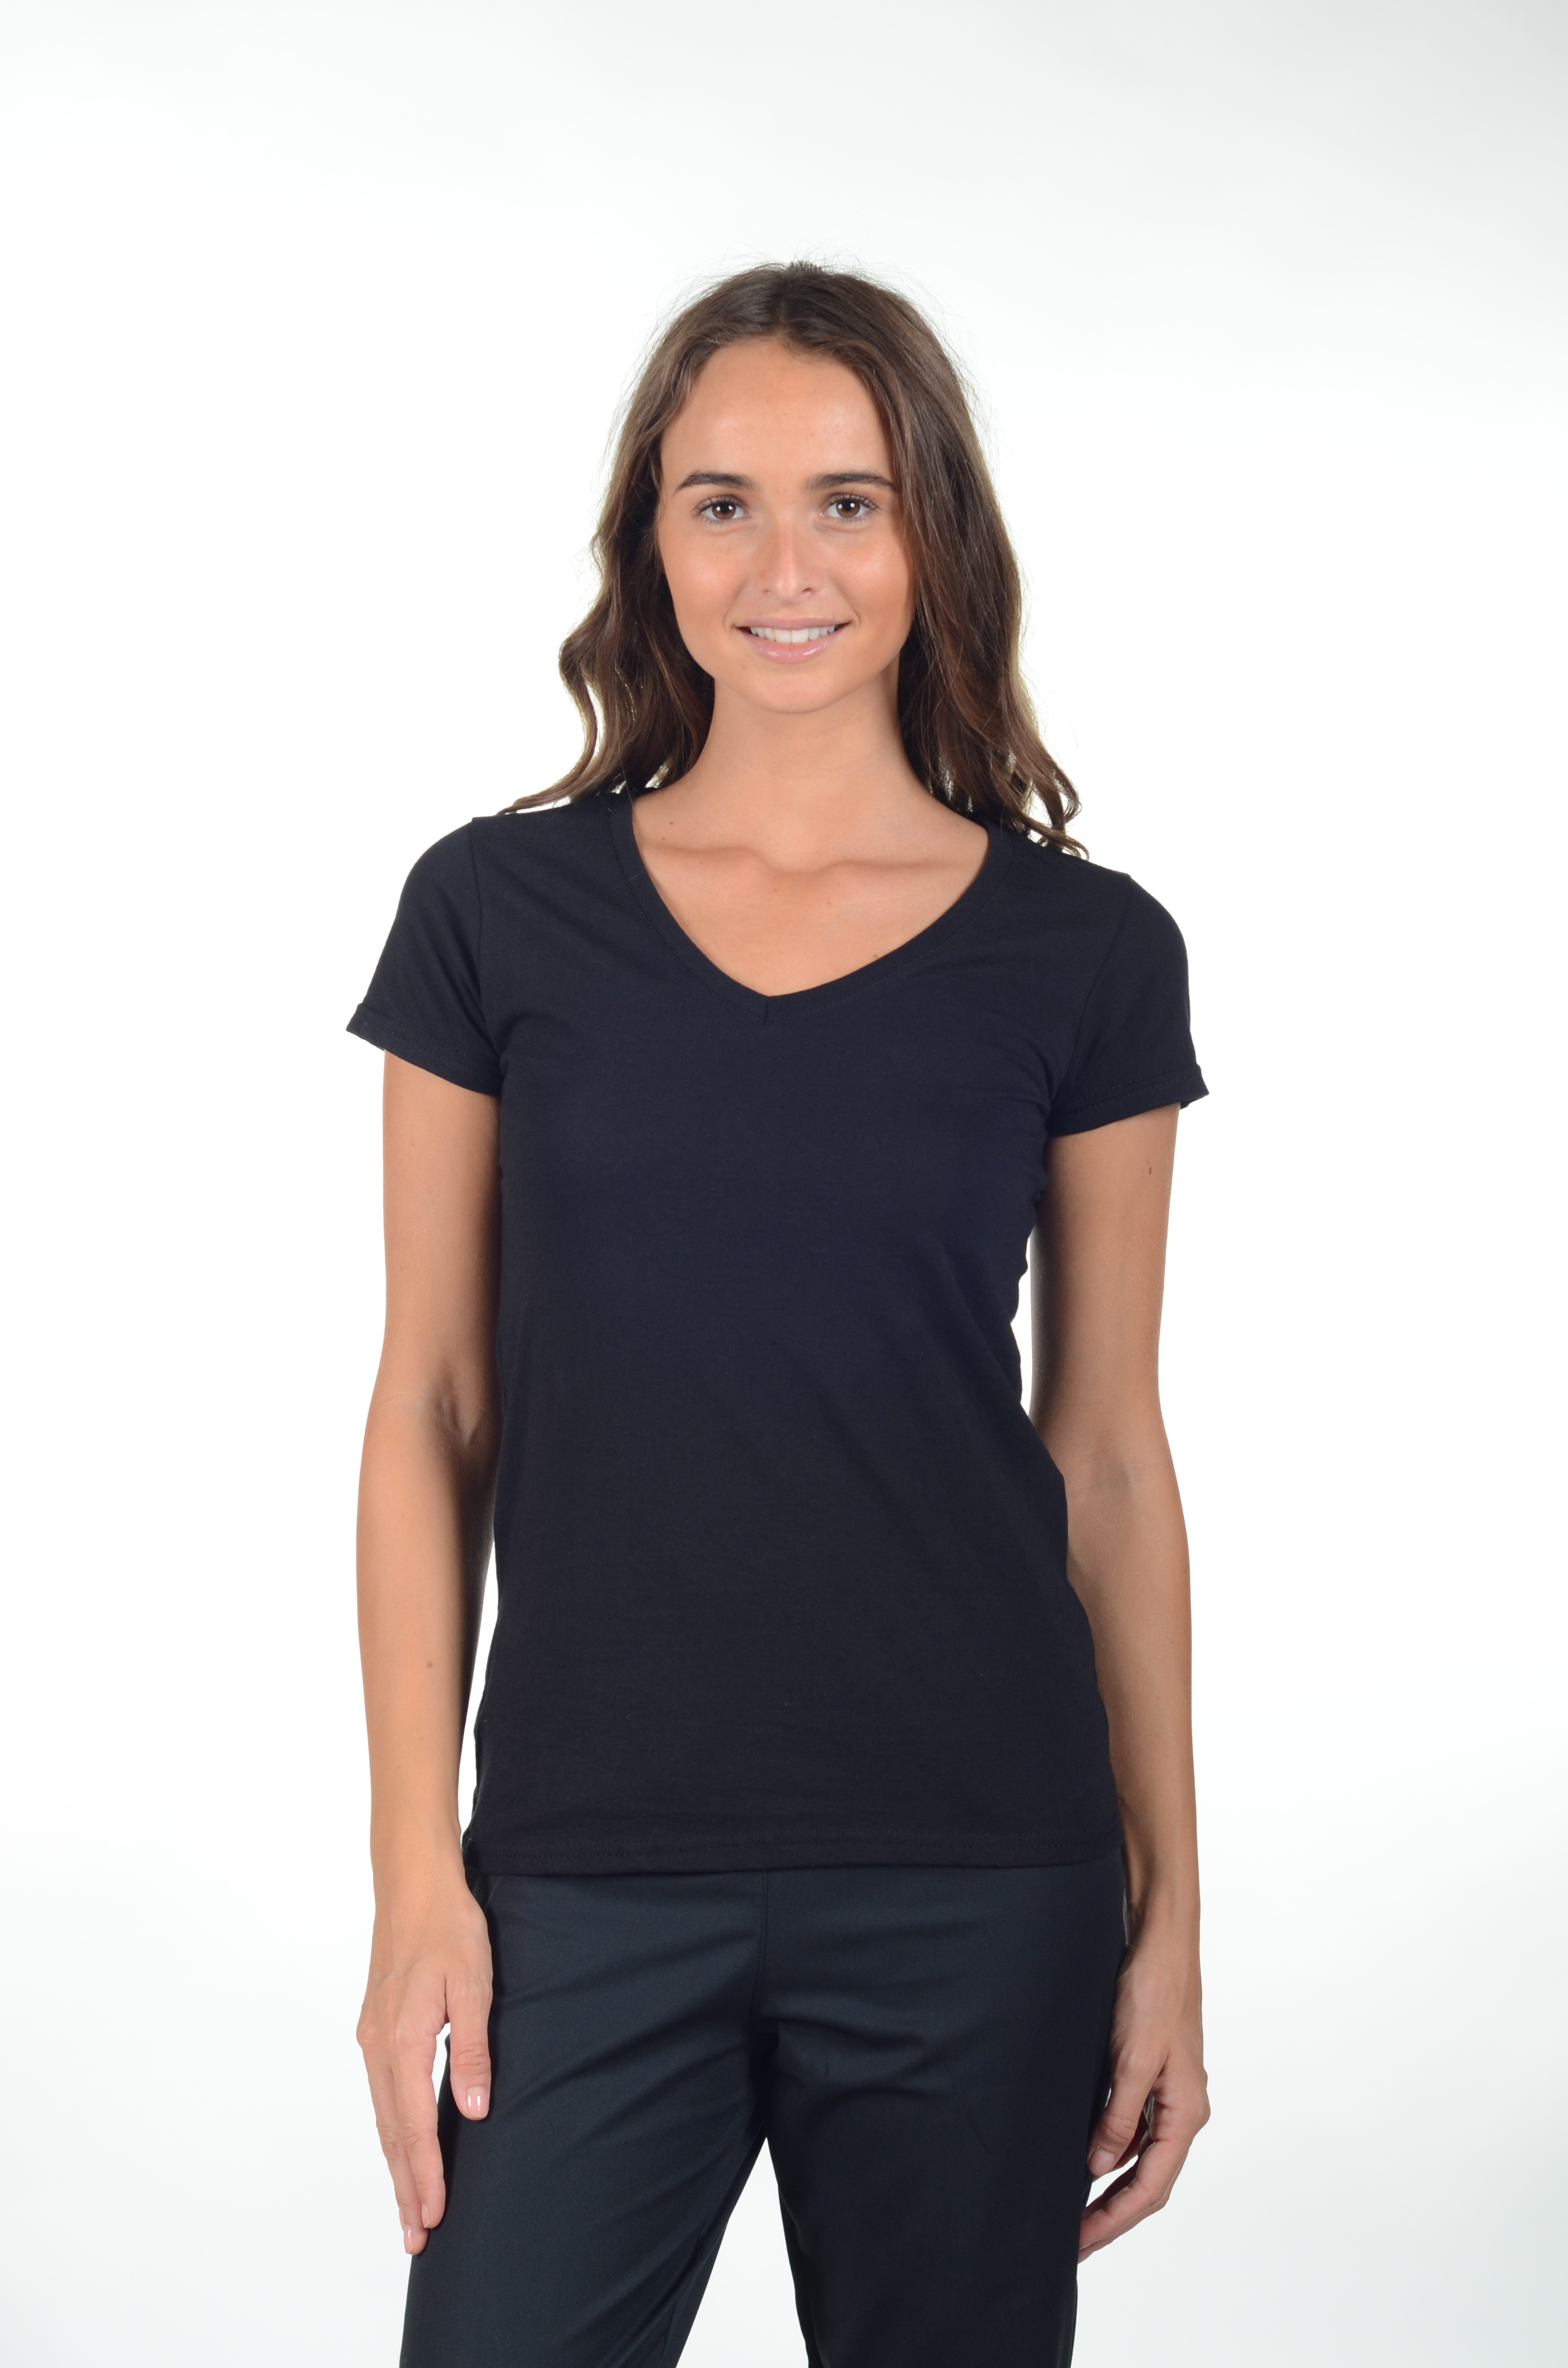 818f7f3d8e ... Tee-shirt femme Col V